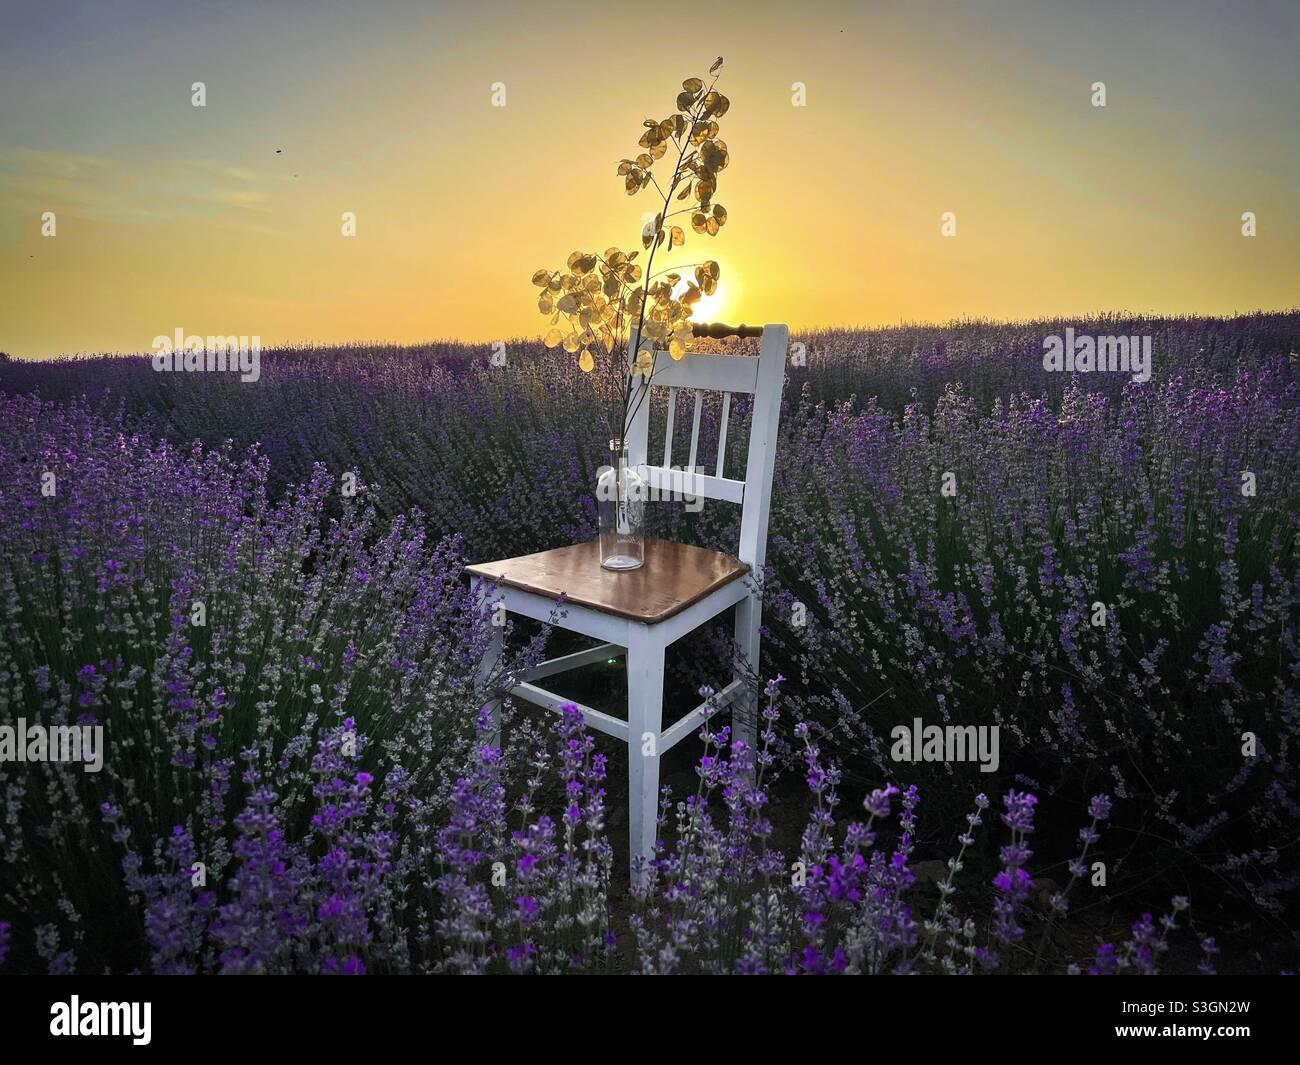 Holzstuhl in einem Lavendelfeld bei Sonnenuntergang Stockfoto